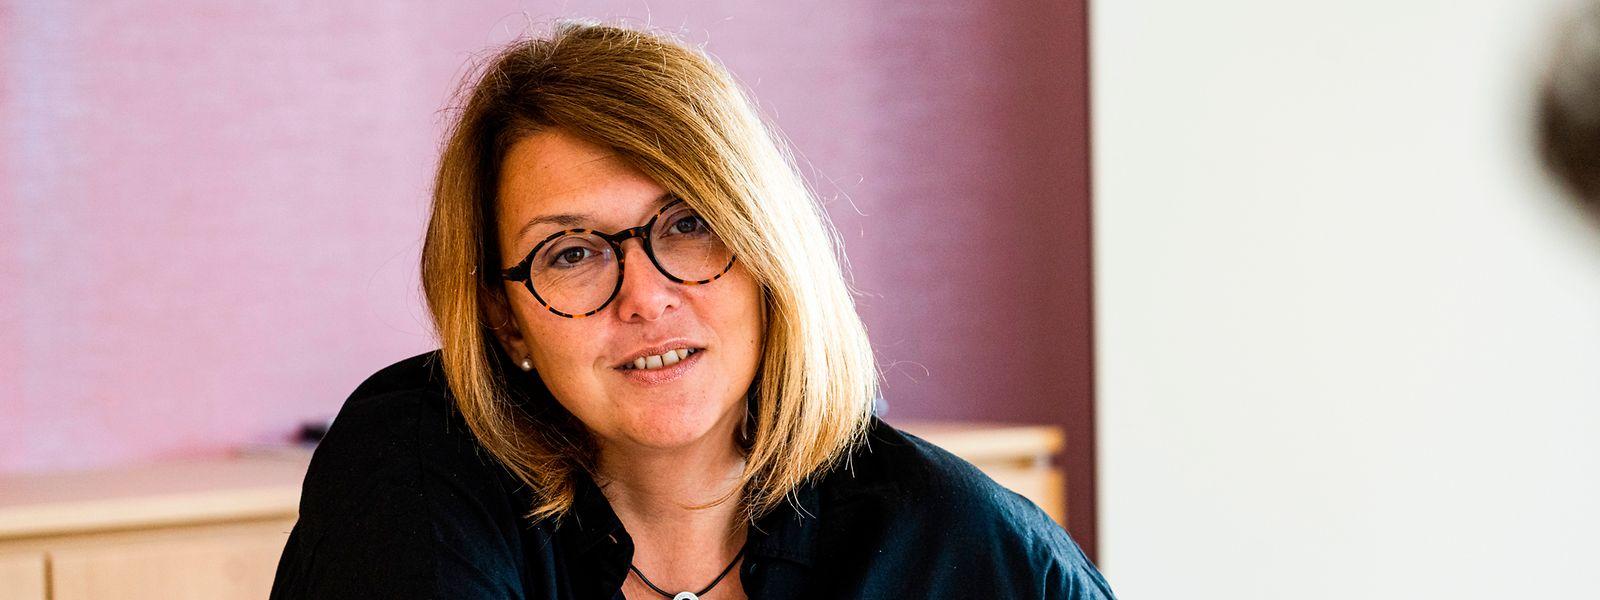 Pour Pascale Hansen, porte-parole du projet de fusion des cinq communes de la Nordstad, la balle se trouve dans le camp du gouvernement qui doit donner «un signe clair» d'ici la mi-septembre.